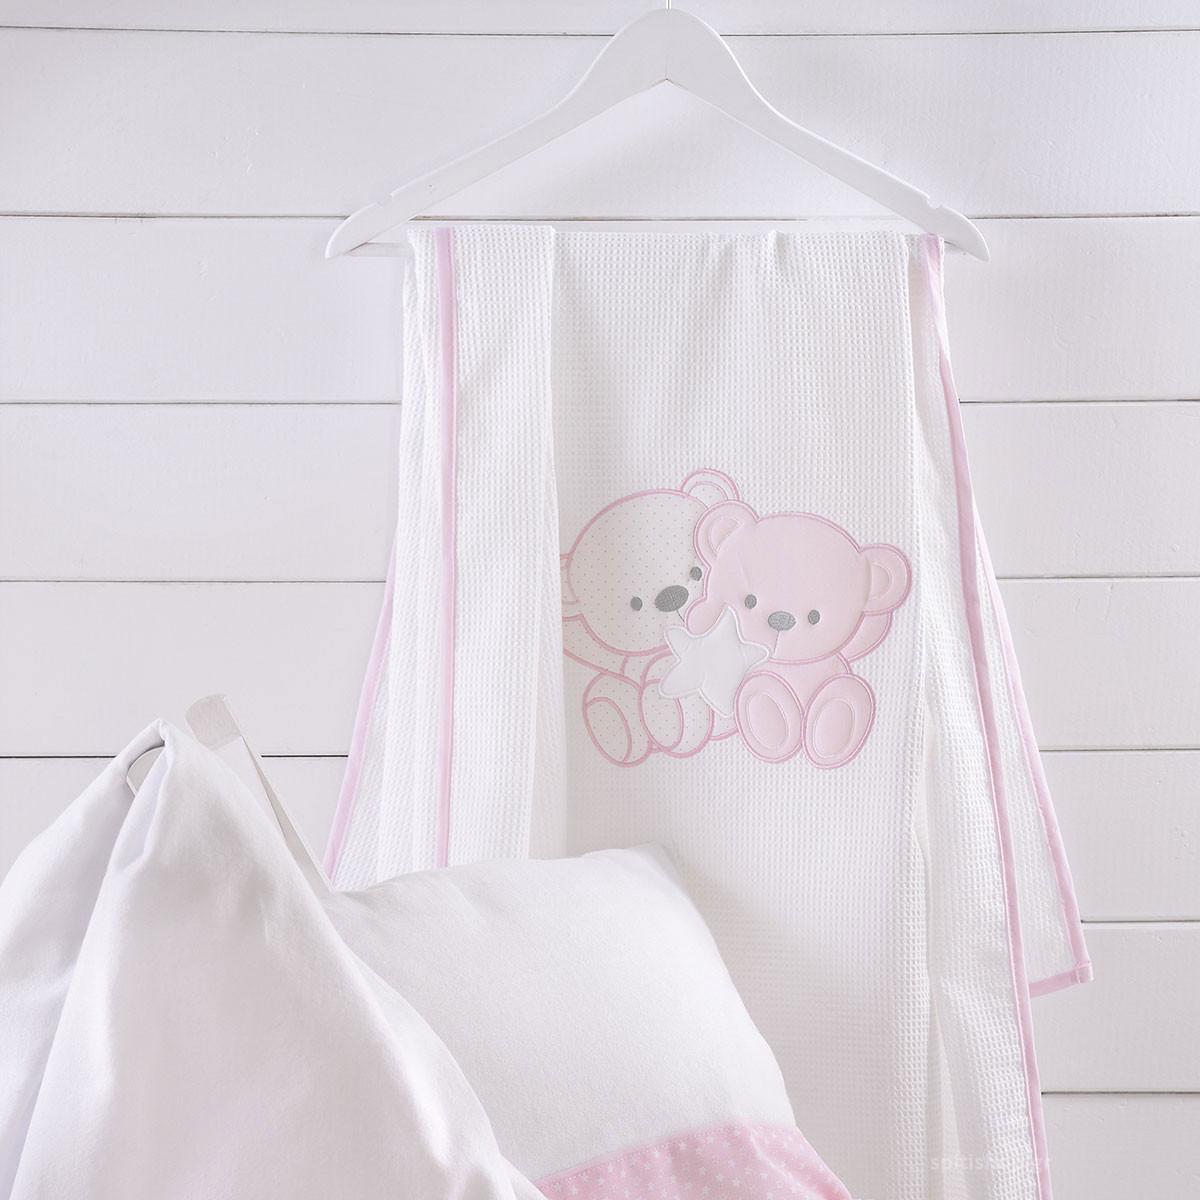 Κουβέρτα Πικέ Κούνιας Rythmos Together Pink home   βρεφικά   κουβέρτες βρεφικές   κουβέρτες καλοκαιρινές